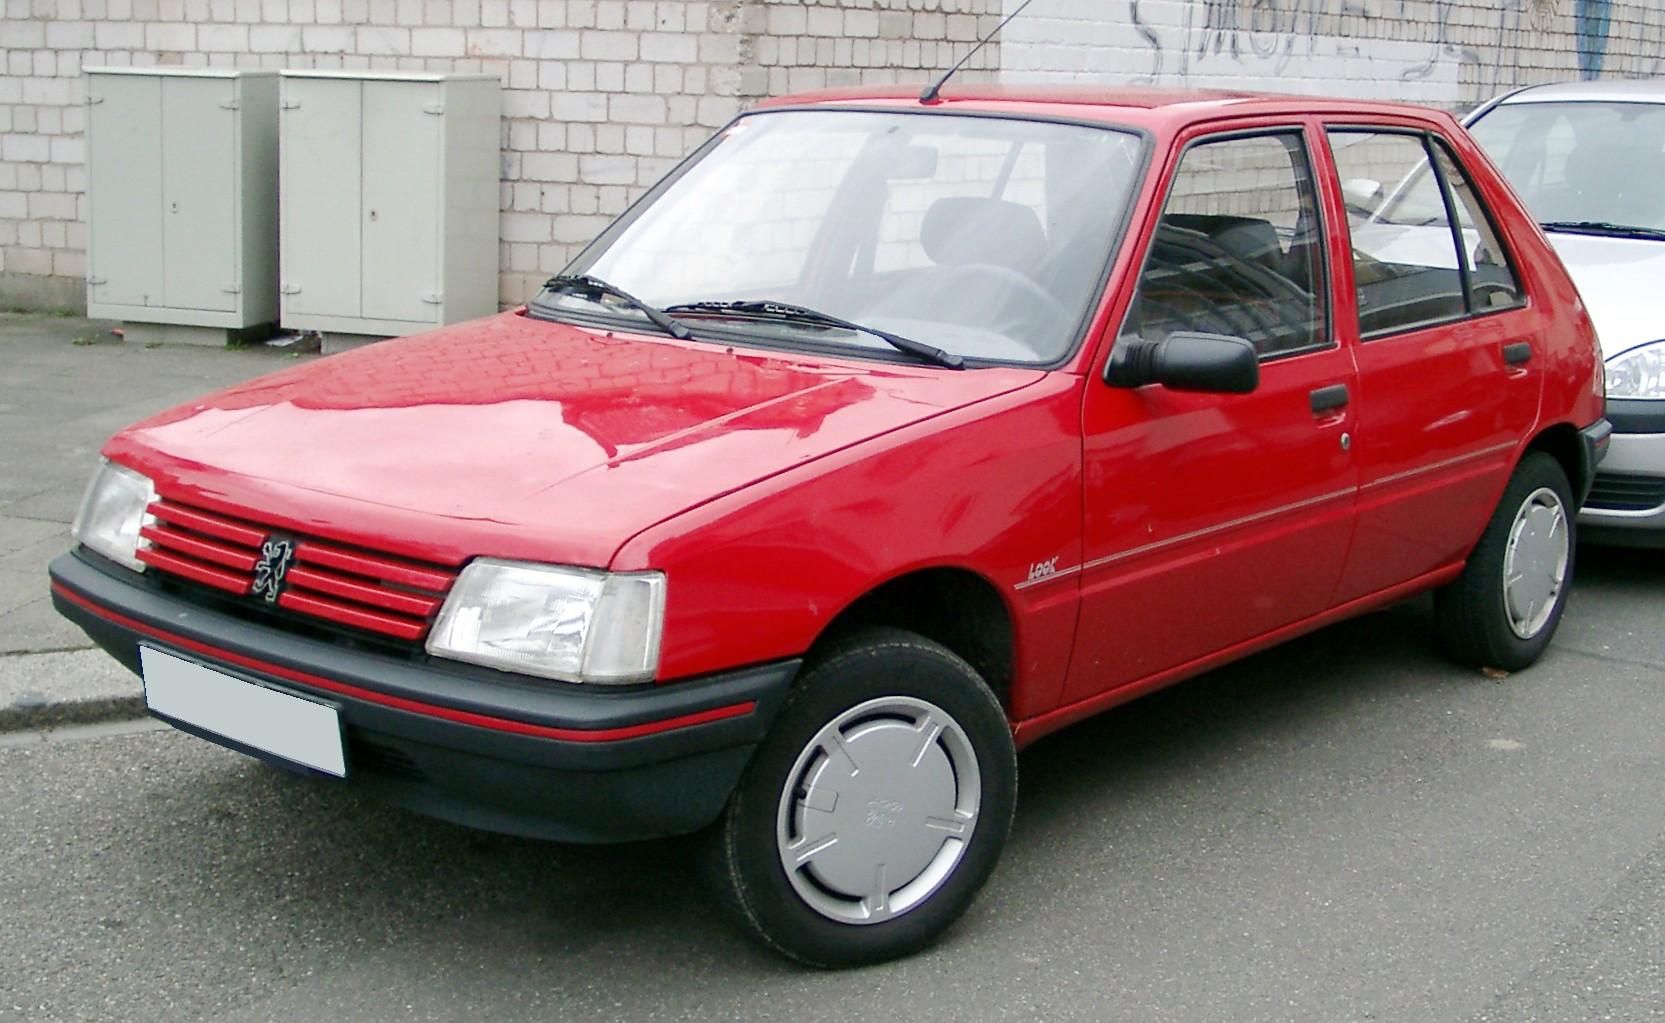 1981 U2013 Talbot Horizon 1985 Peugeot 205